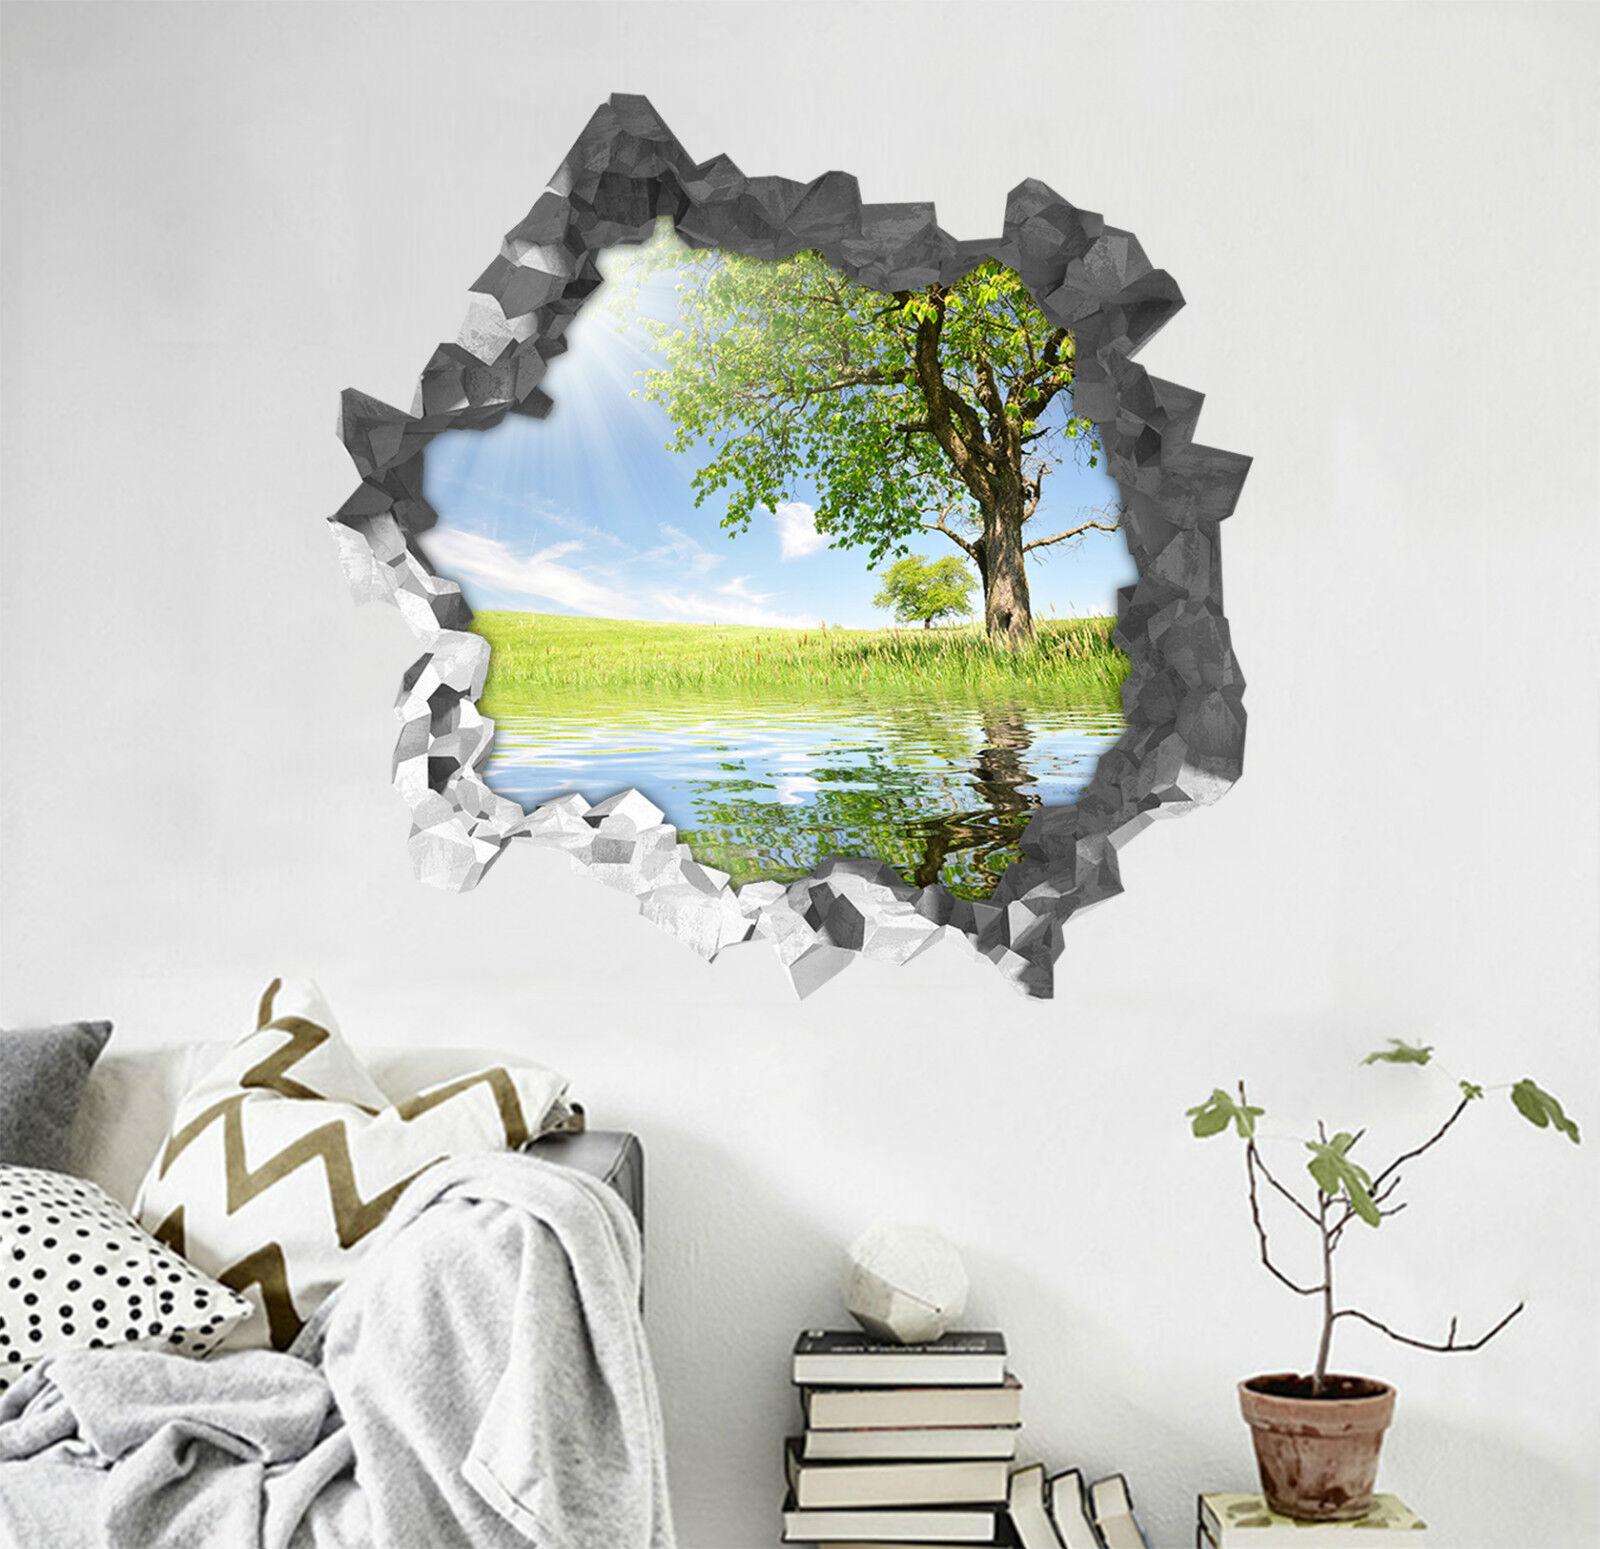 3D Sonnenbaum 523 Mauer Murals Aufklebe Decal Durchbruch AJ WALLPAPER DE Lemon